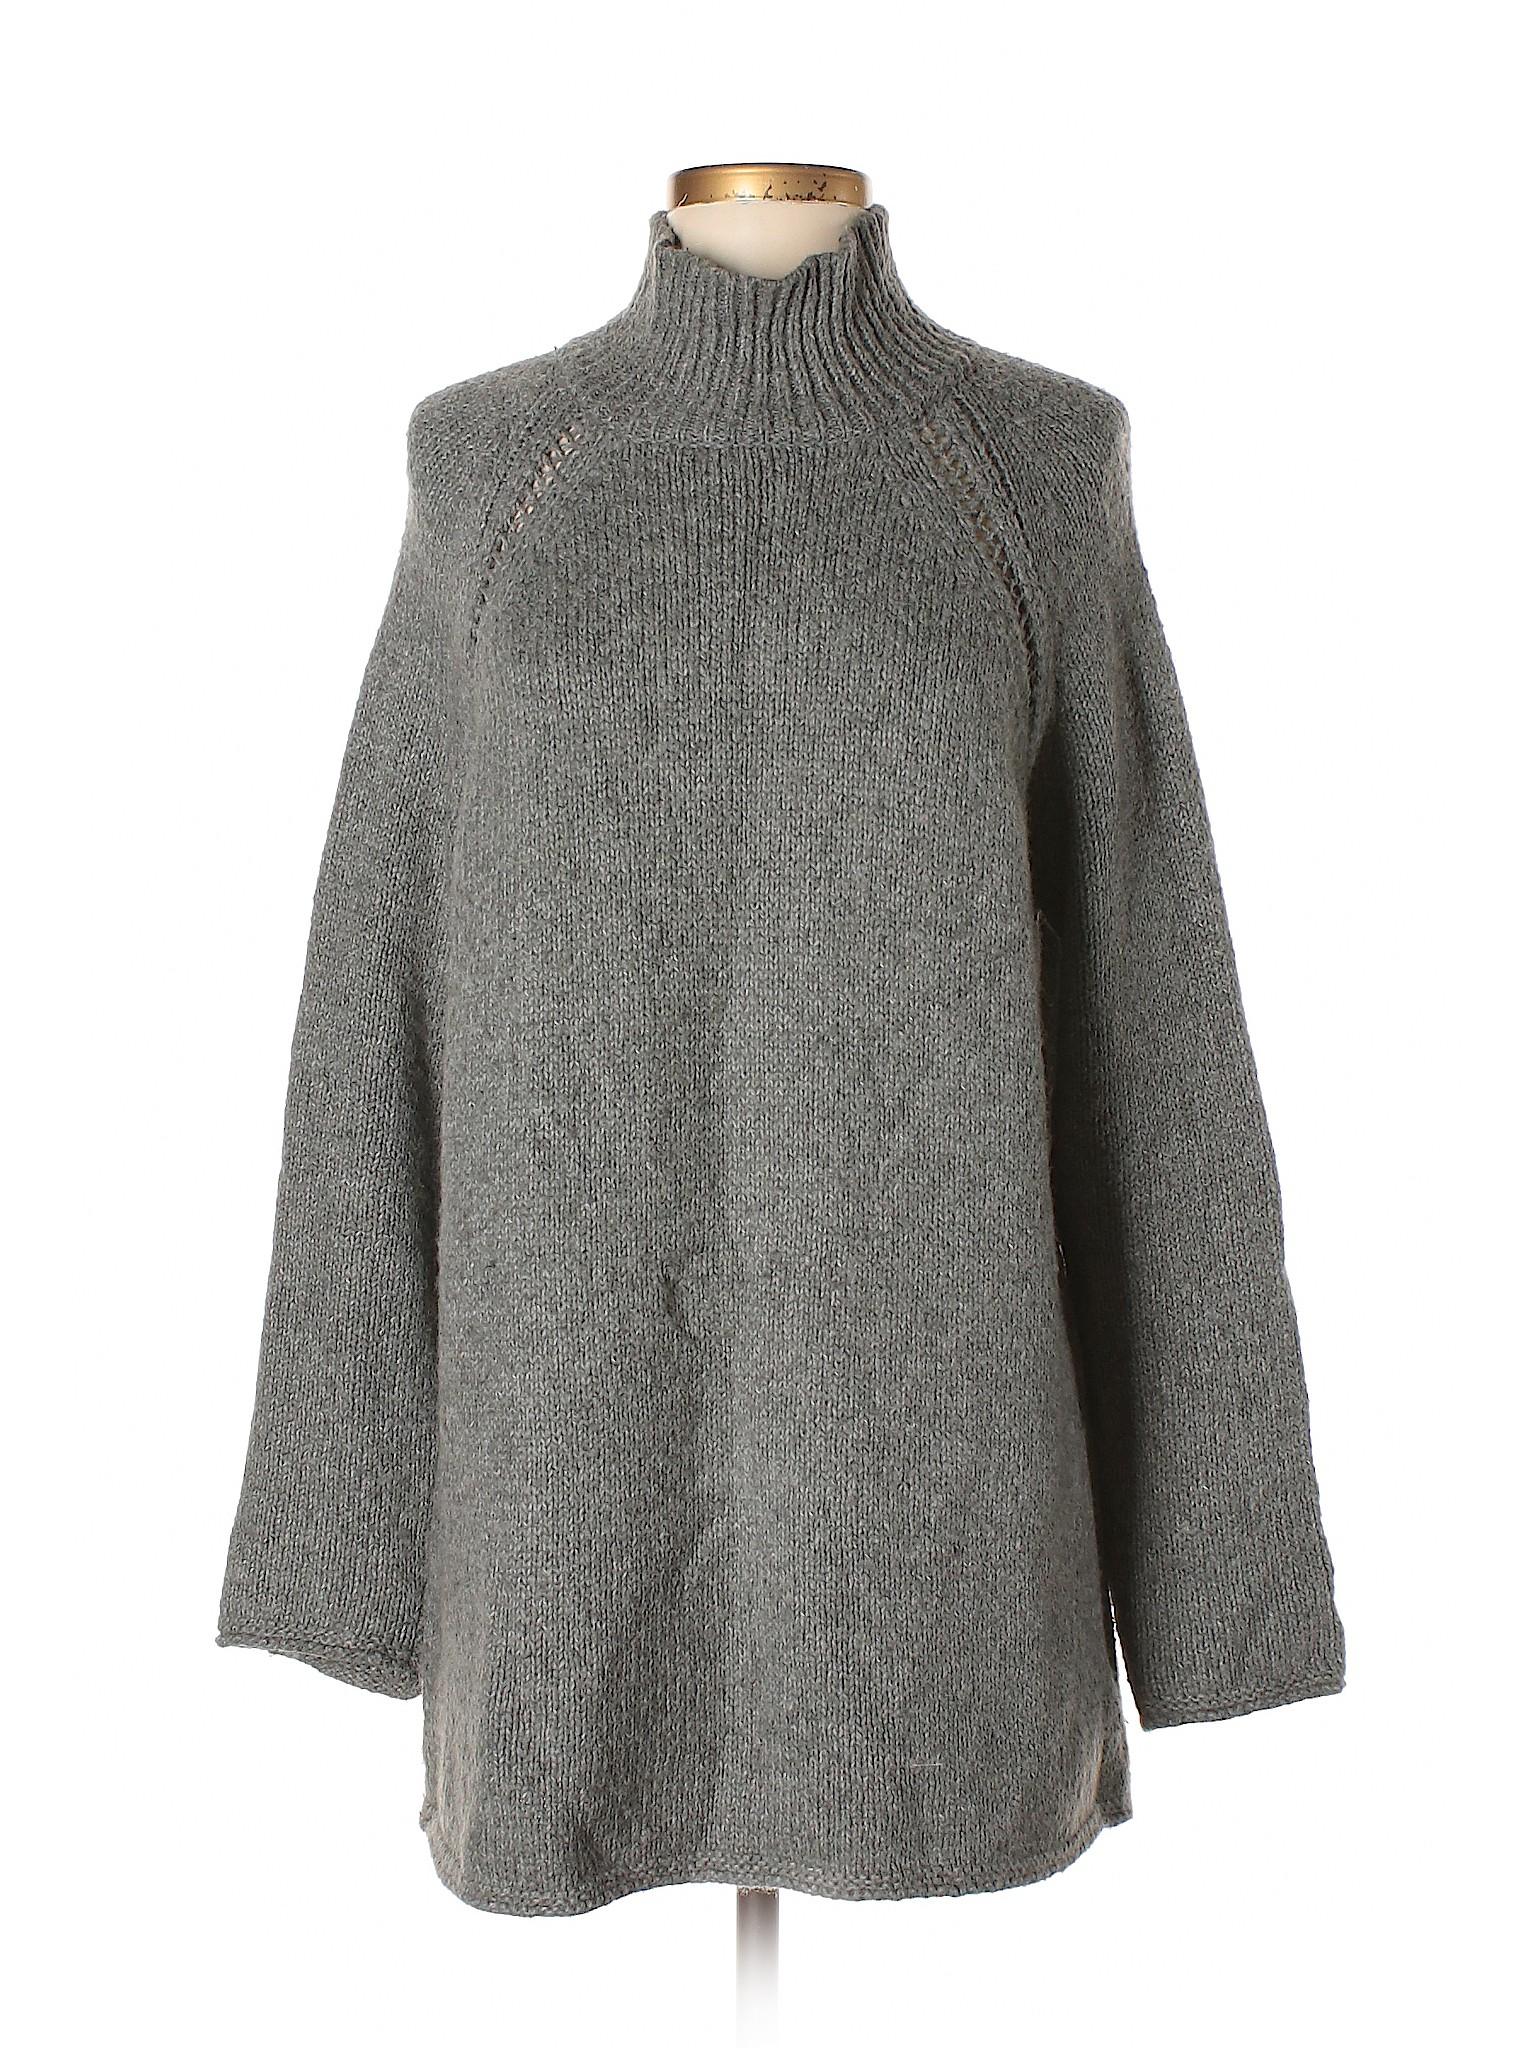 Purejill Pullover Purejill Pullover winter Sweater Boutique winter Boutique Sweater S55qYxAp